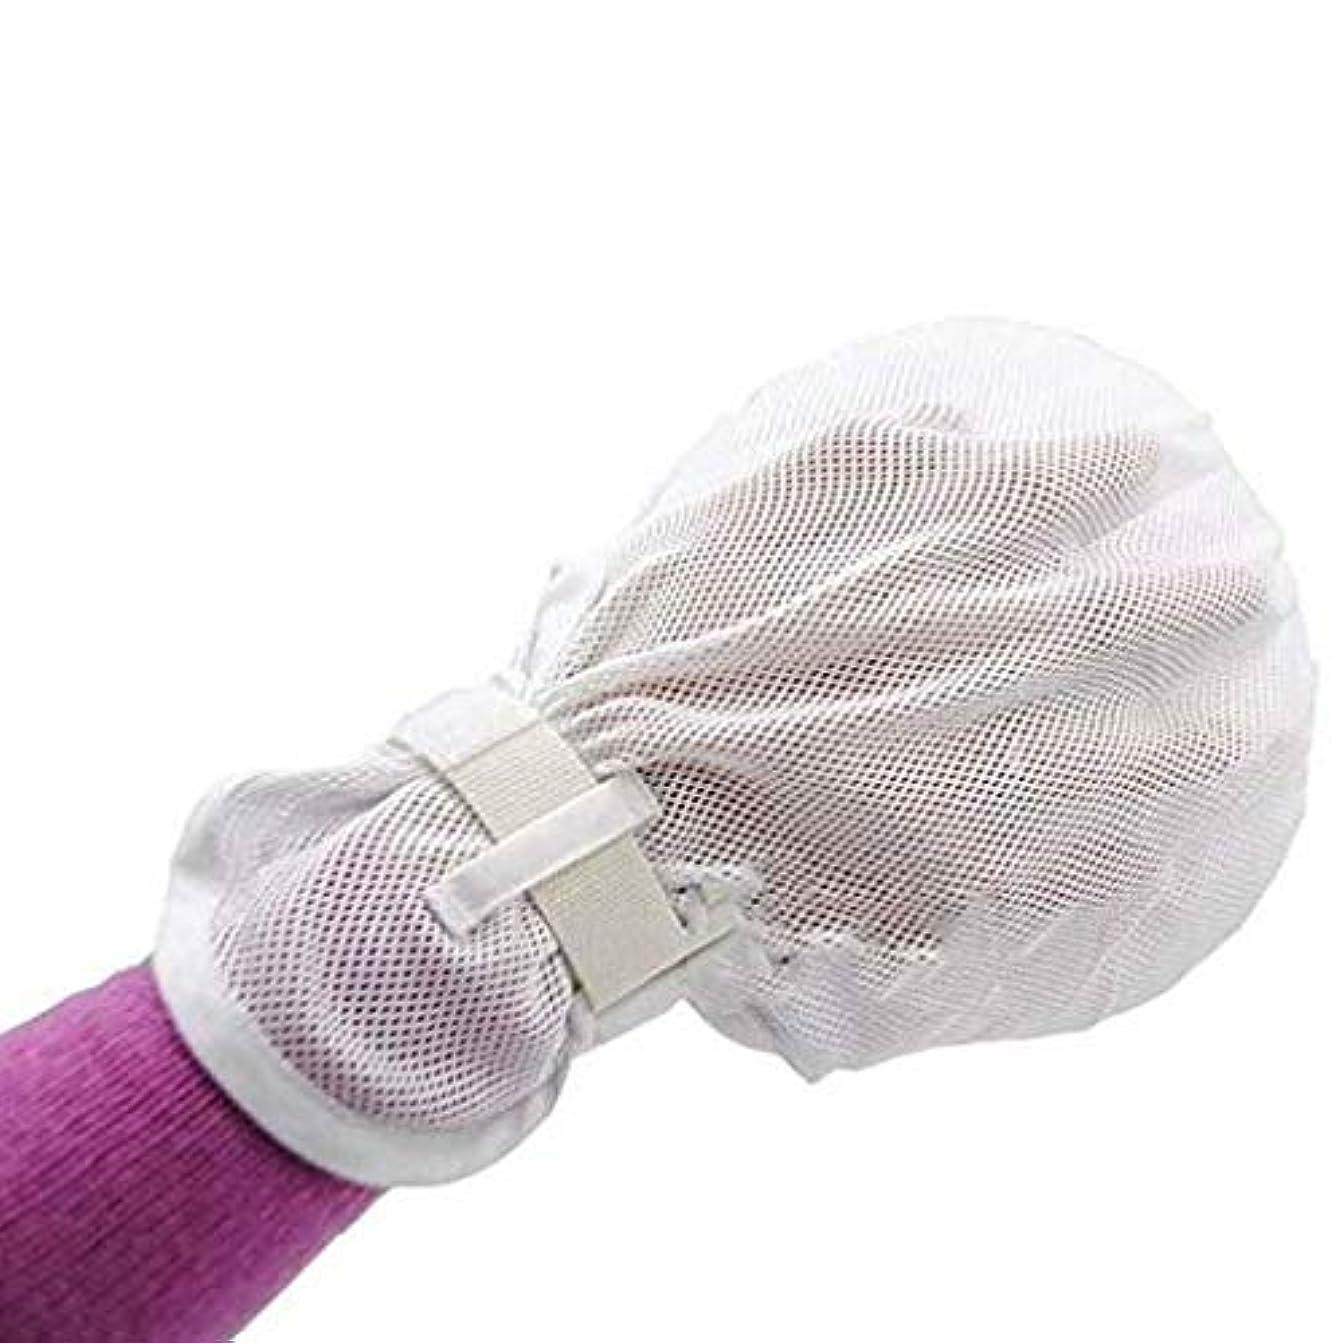 プラカードスタンド理容室フィンガーコントロールミット、手の感染防止用プロテクターミット医療用制限患者用ユニバーサルフィンガーハム固定手袋